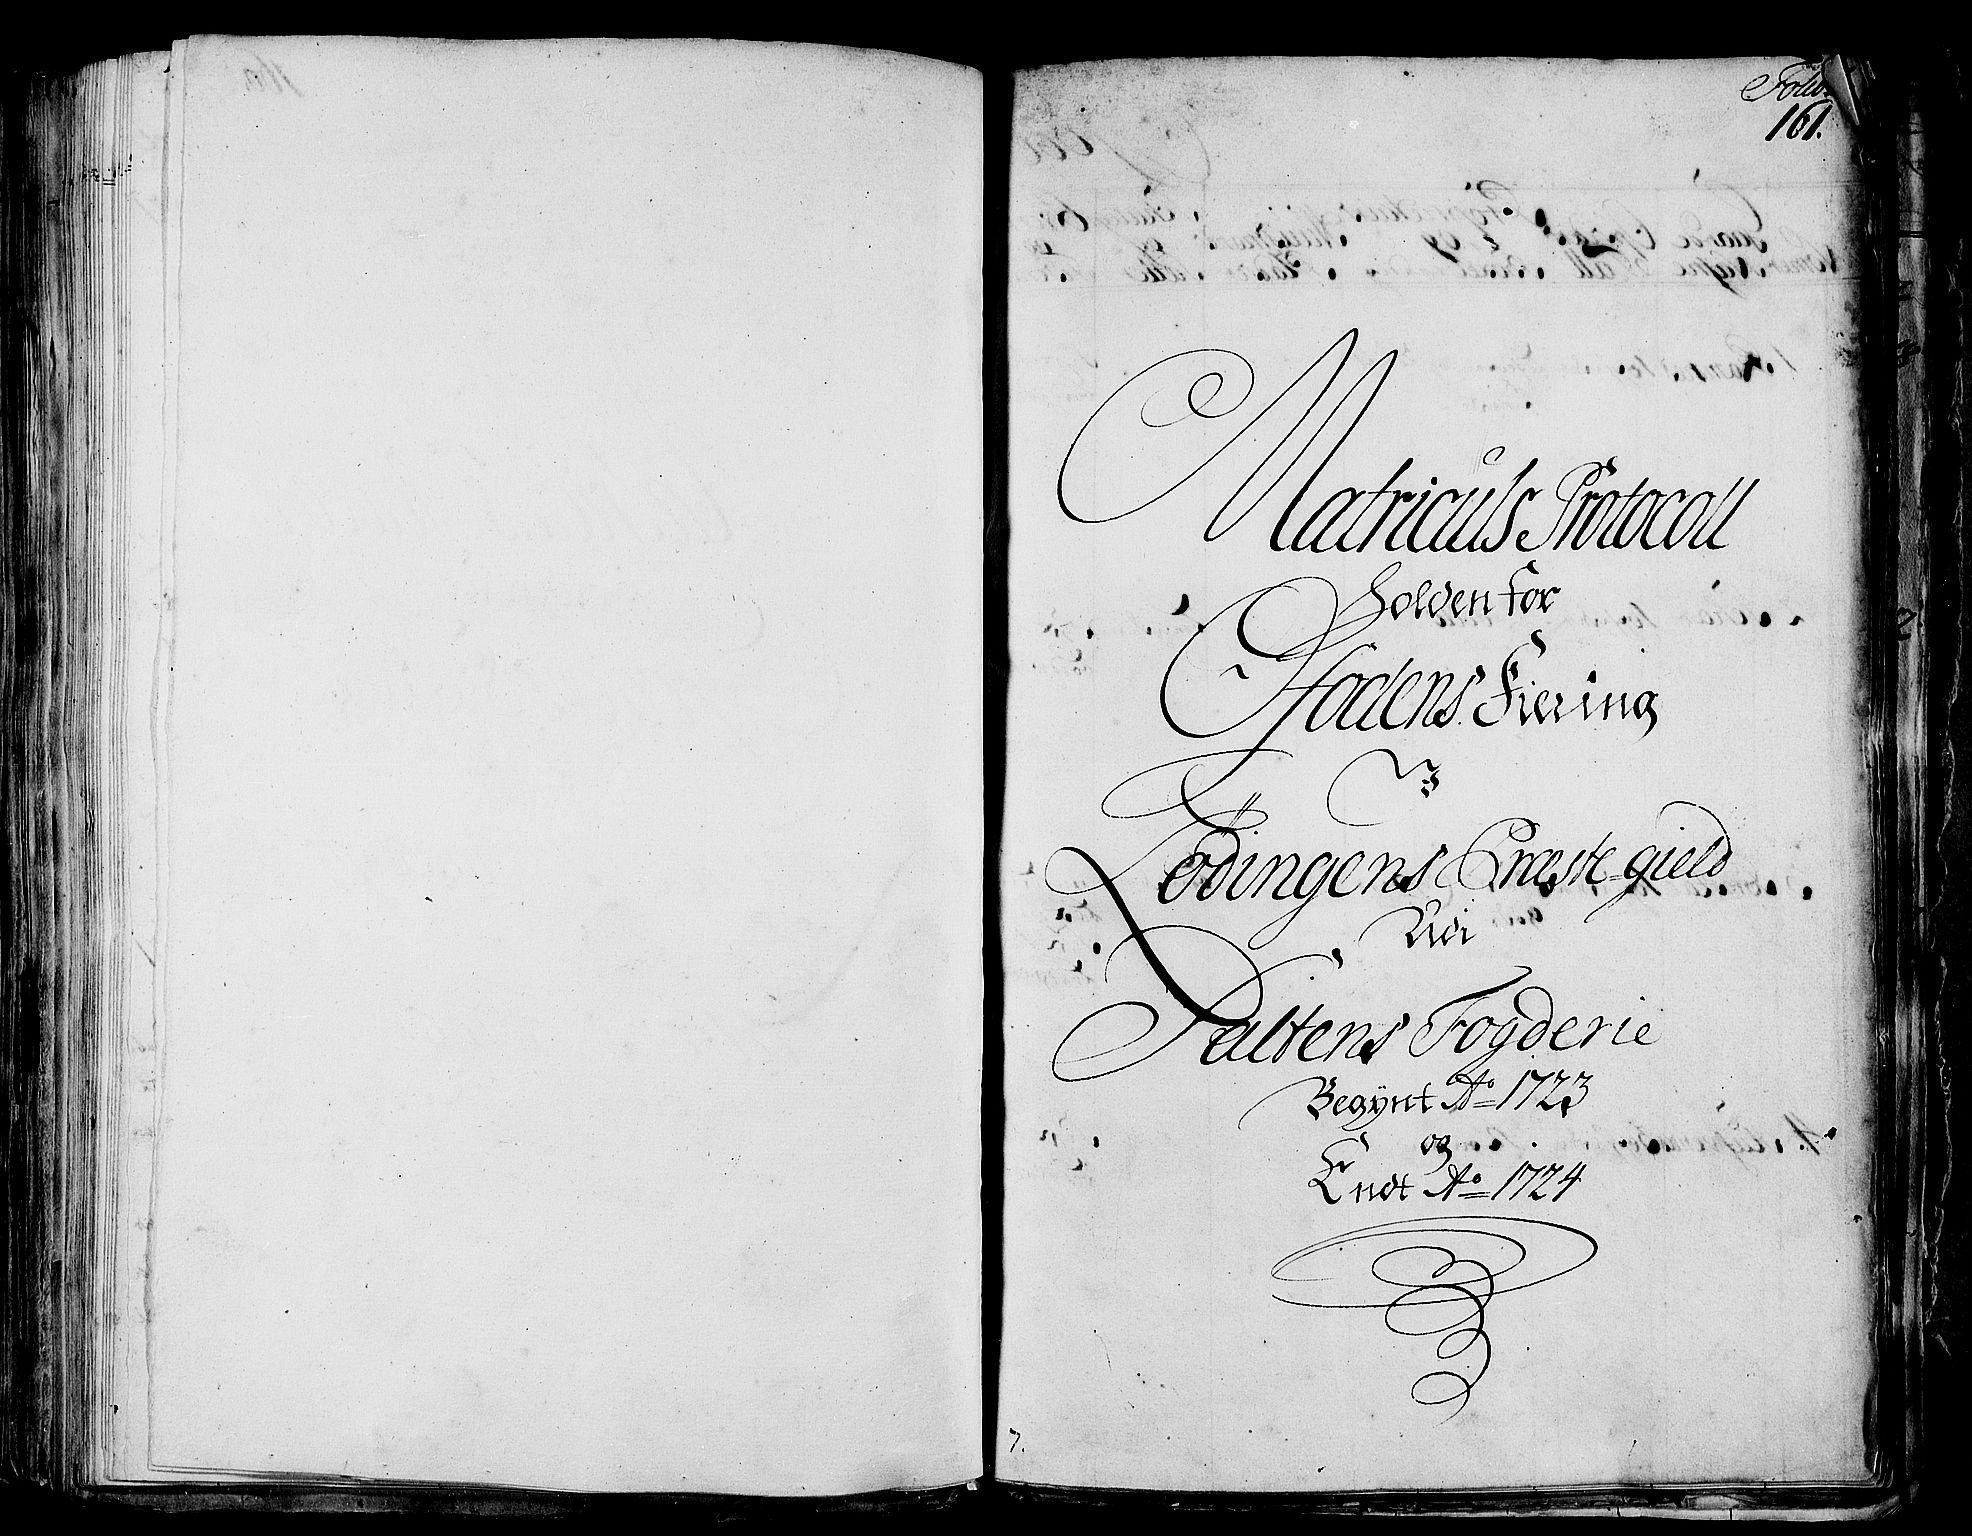 RA, Rentekammeret inntil 1814, Realistisk ordnet avdeling, N/Nb/Nbf/L0172: Salten eksaminasjonsprotokoll, 1723, s. 160b-161a